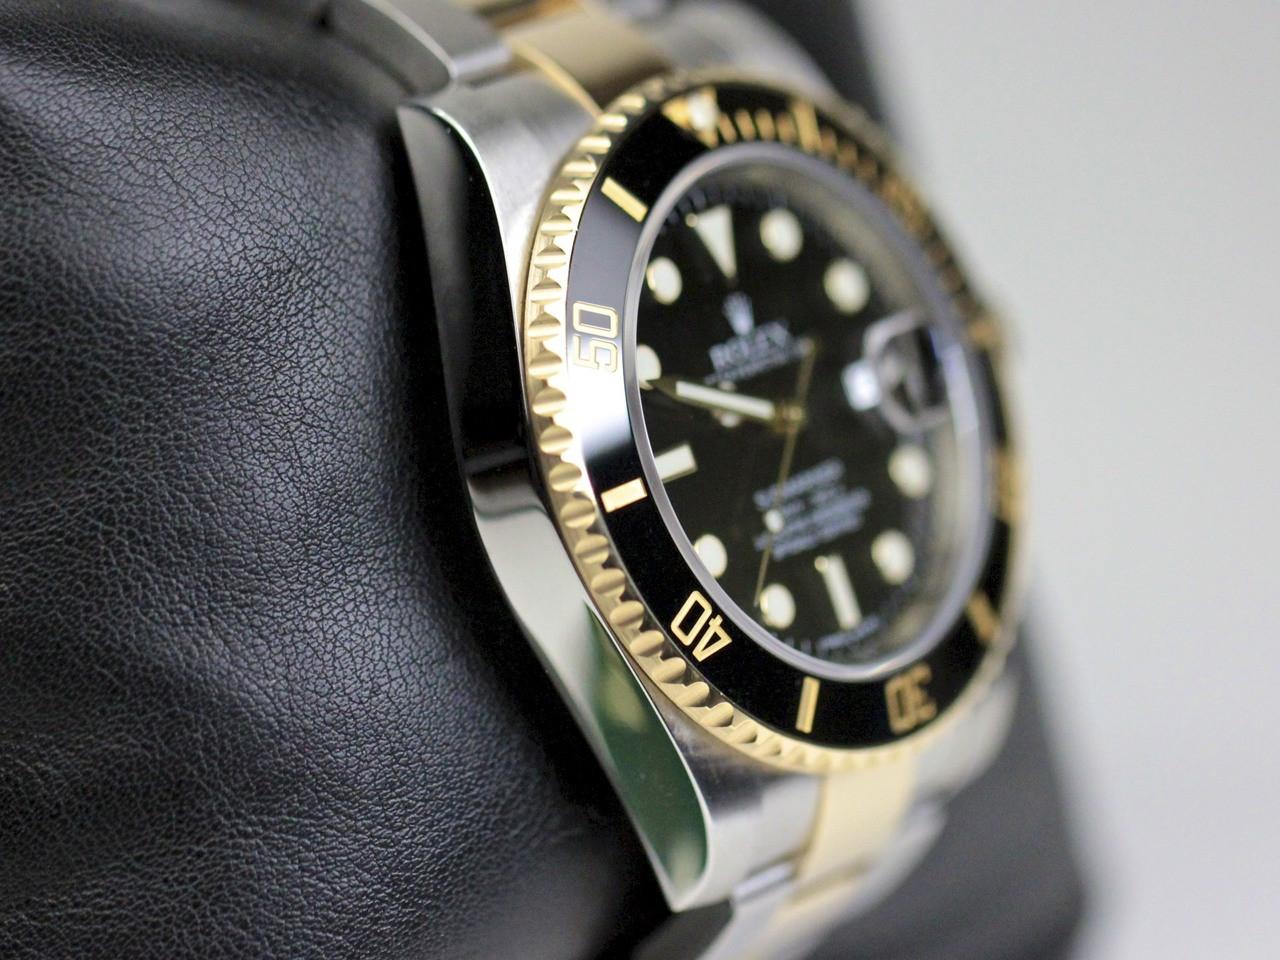 Case Detail - Rolex Watch Submariner Steel and Gold 116613 - www. Legendoftime.com - Chicago Watch Center